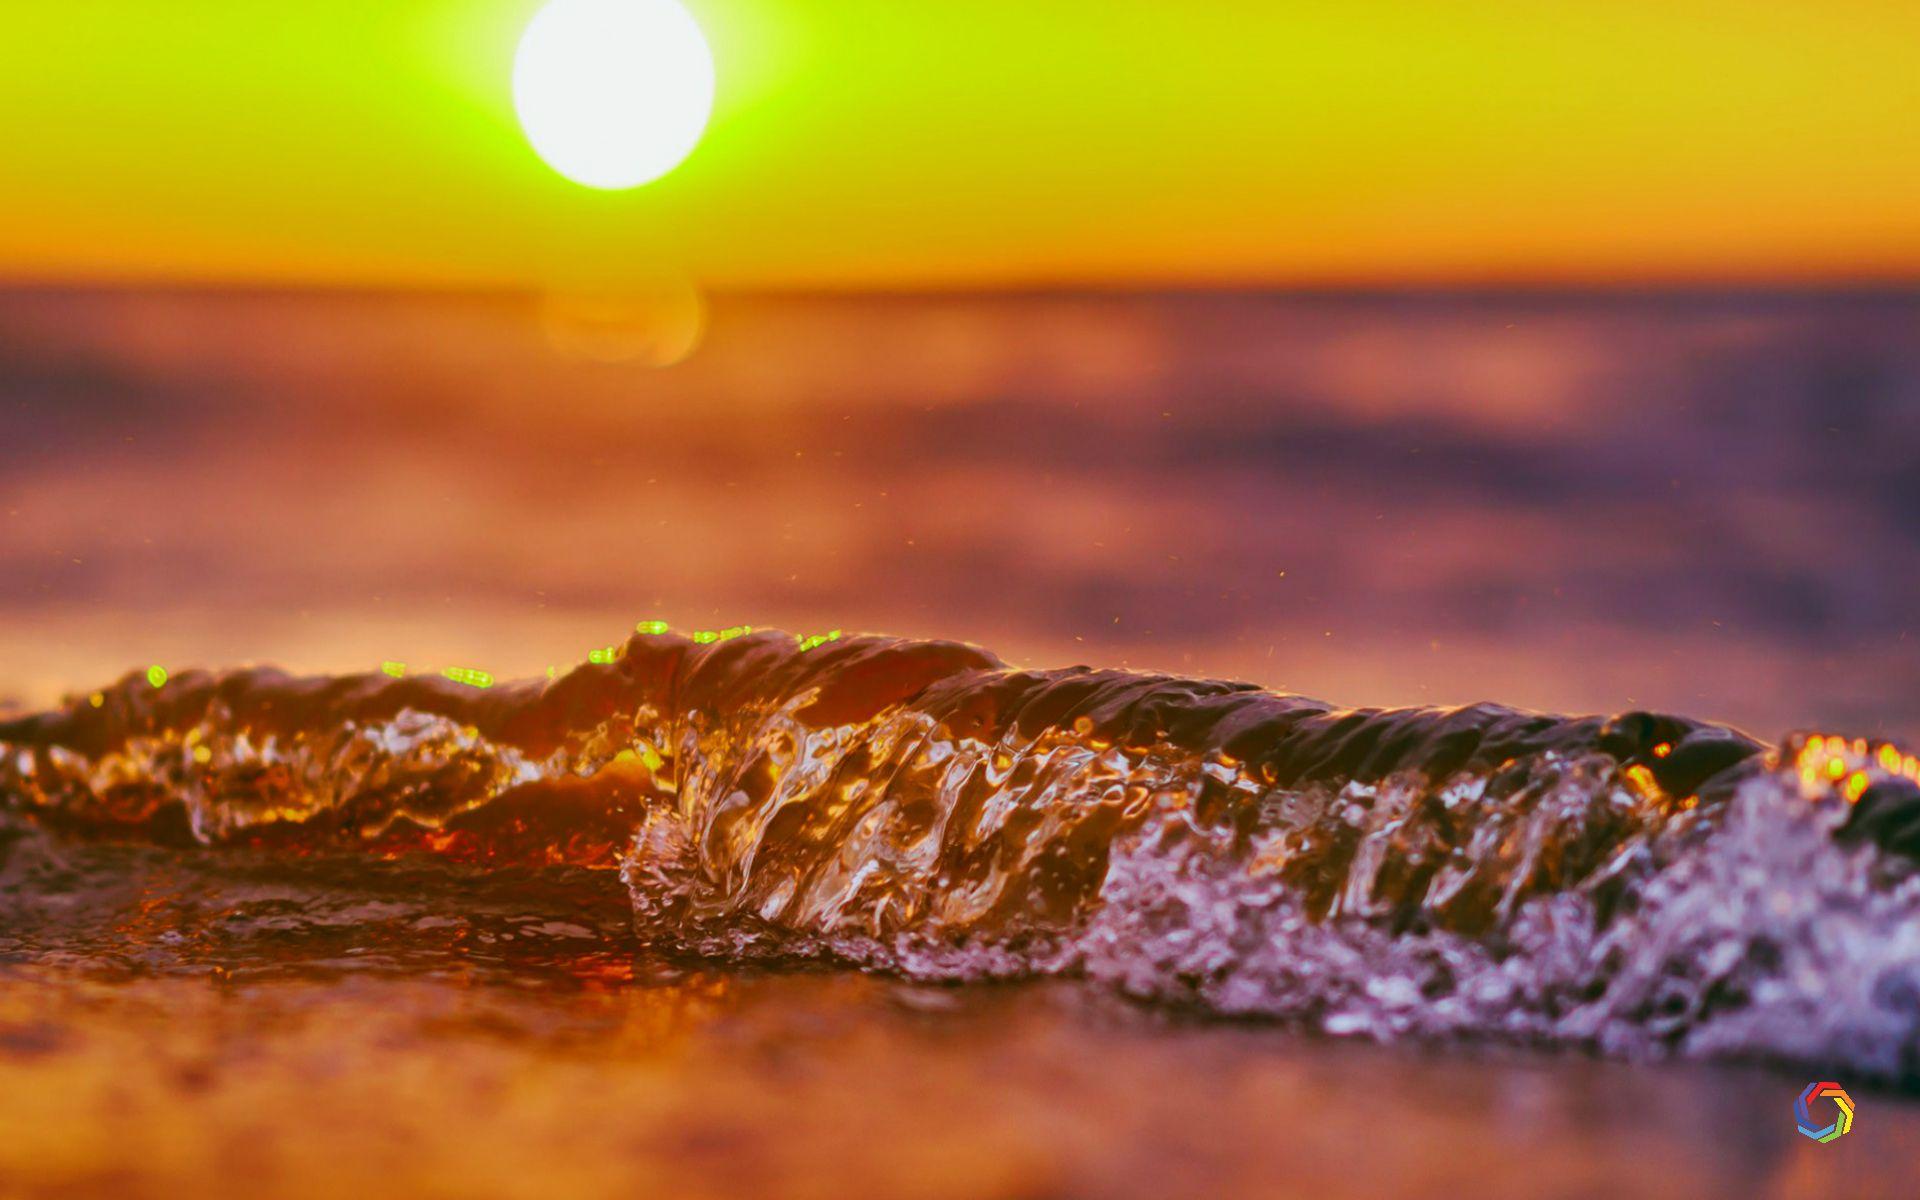 Wave Sunset 4k Wallpaper Full Download Waves